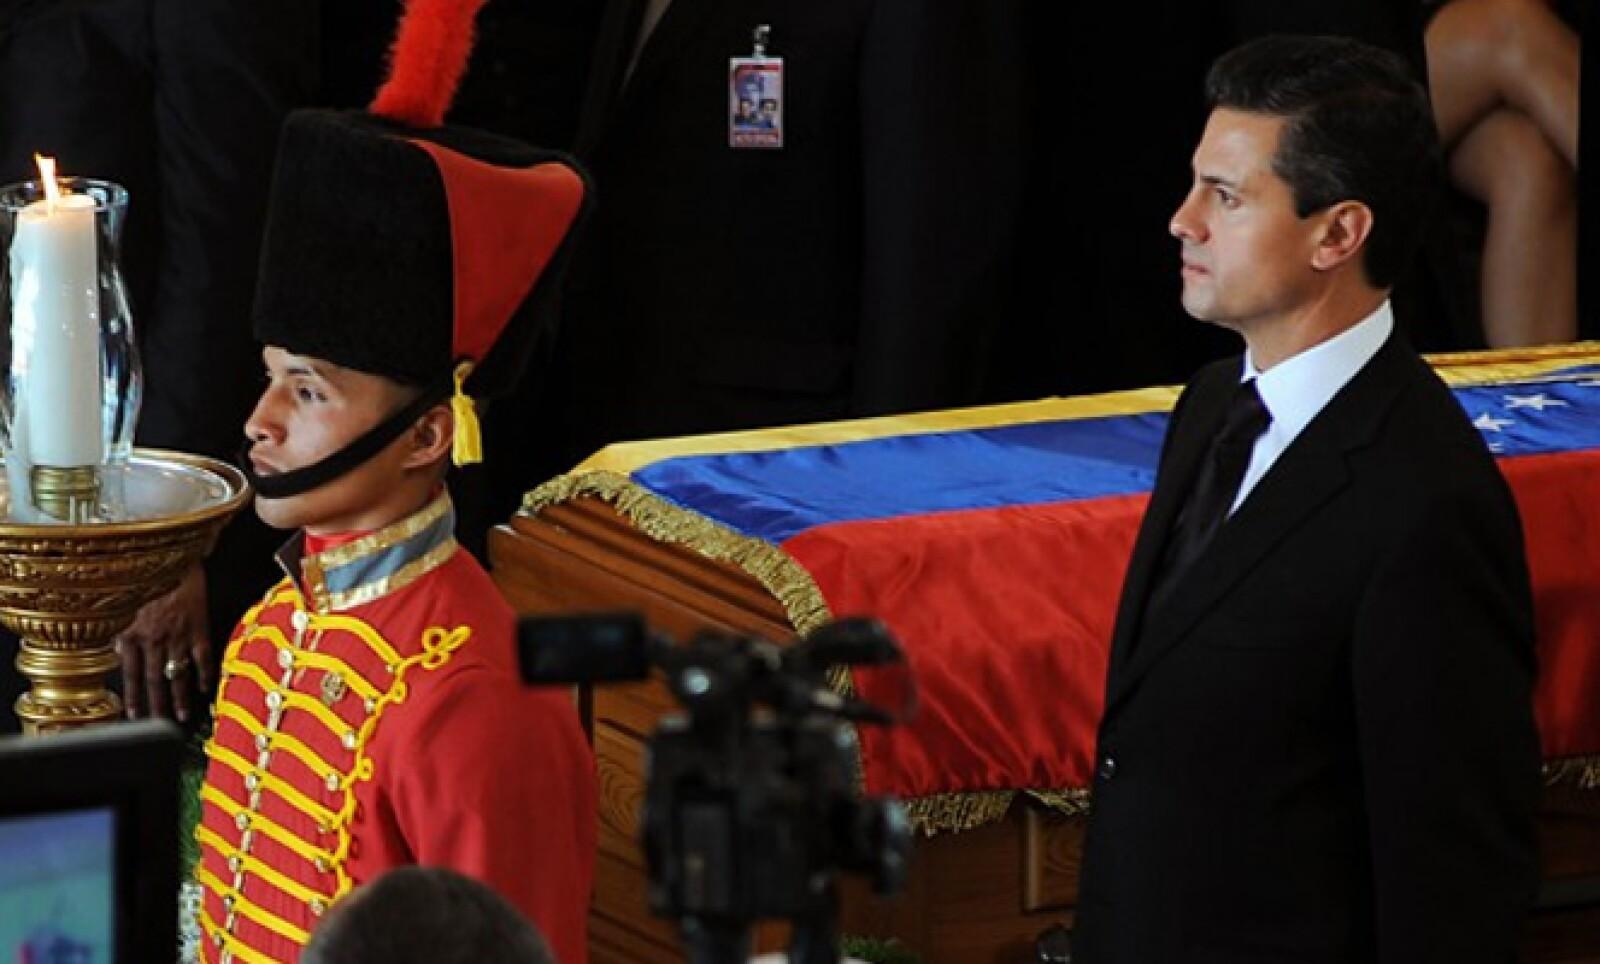 El 8 de marzo, el priista asistió al funeral de Estado en honor del presidente de Venezuela, Hugo Chávez Frías, quien falleció tres días antes víctima de cáncer.